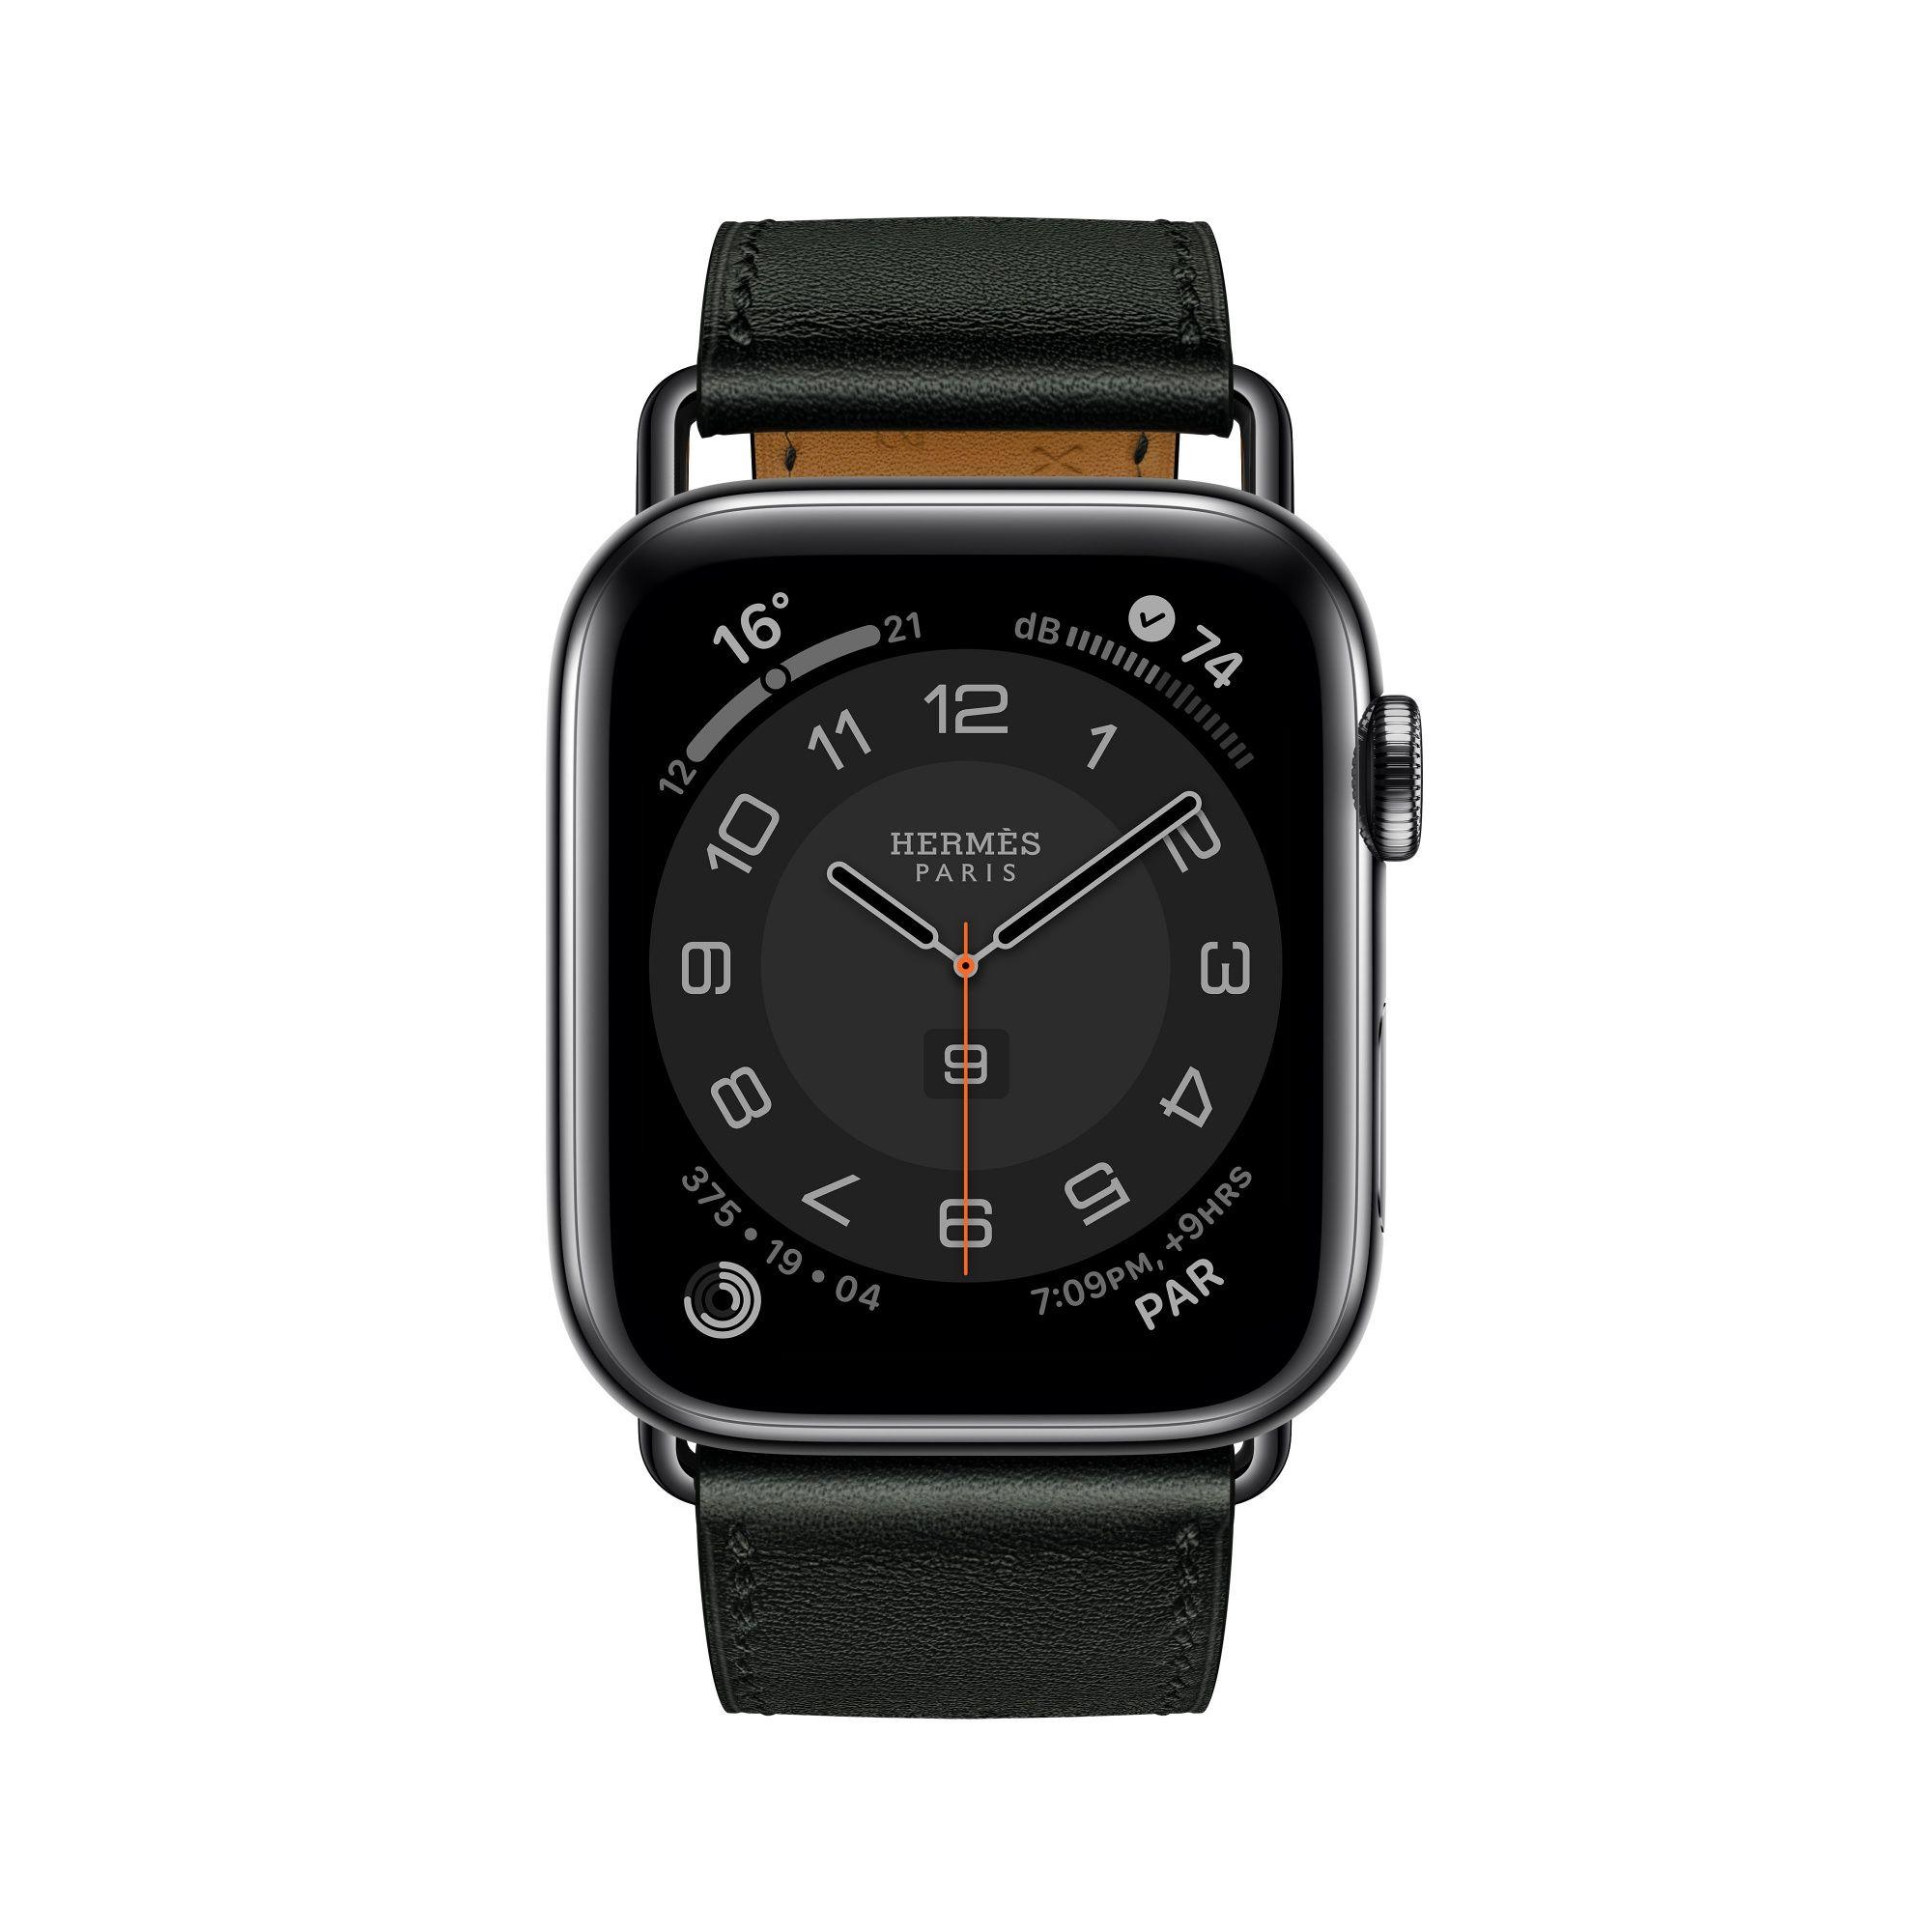 第六代 Apple Watch Hermès_Attelage 系列(44mm 錶殼)黑色單圈 Swift 小牛皮錶帶錶款(單錶帶),建議售價 NT$10,900